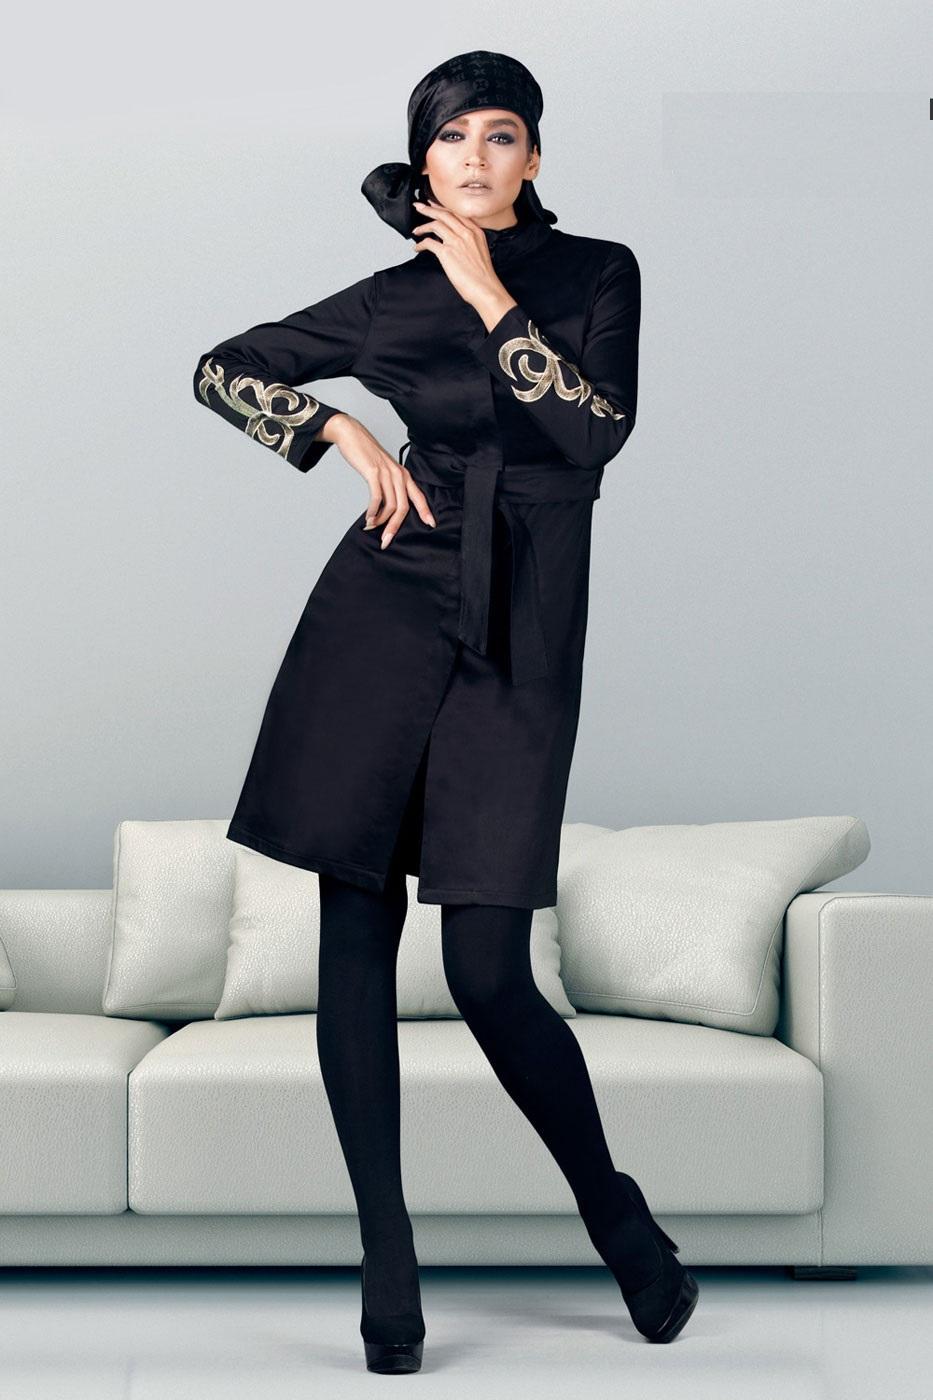 شیک ترین مدل مانتو 2015 کوتاه دخترانه